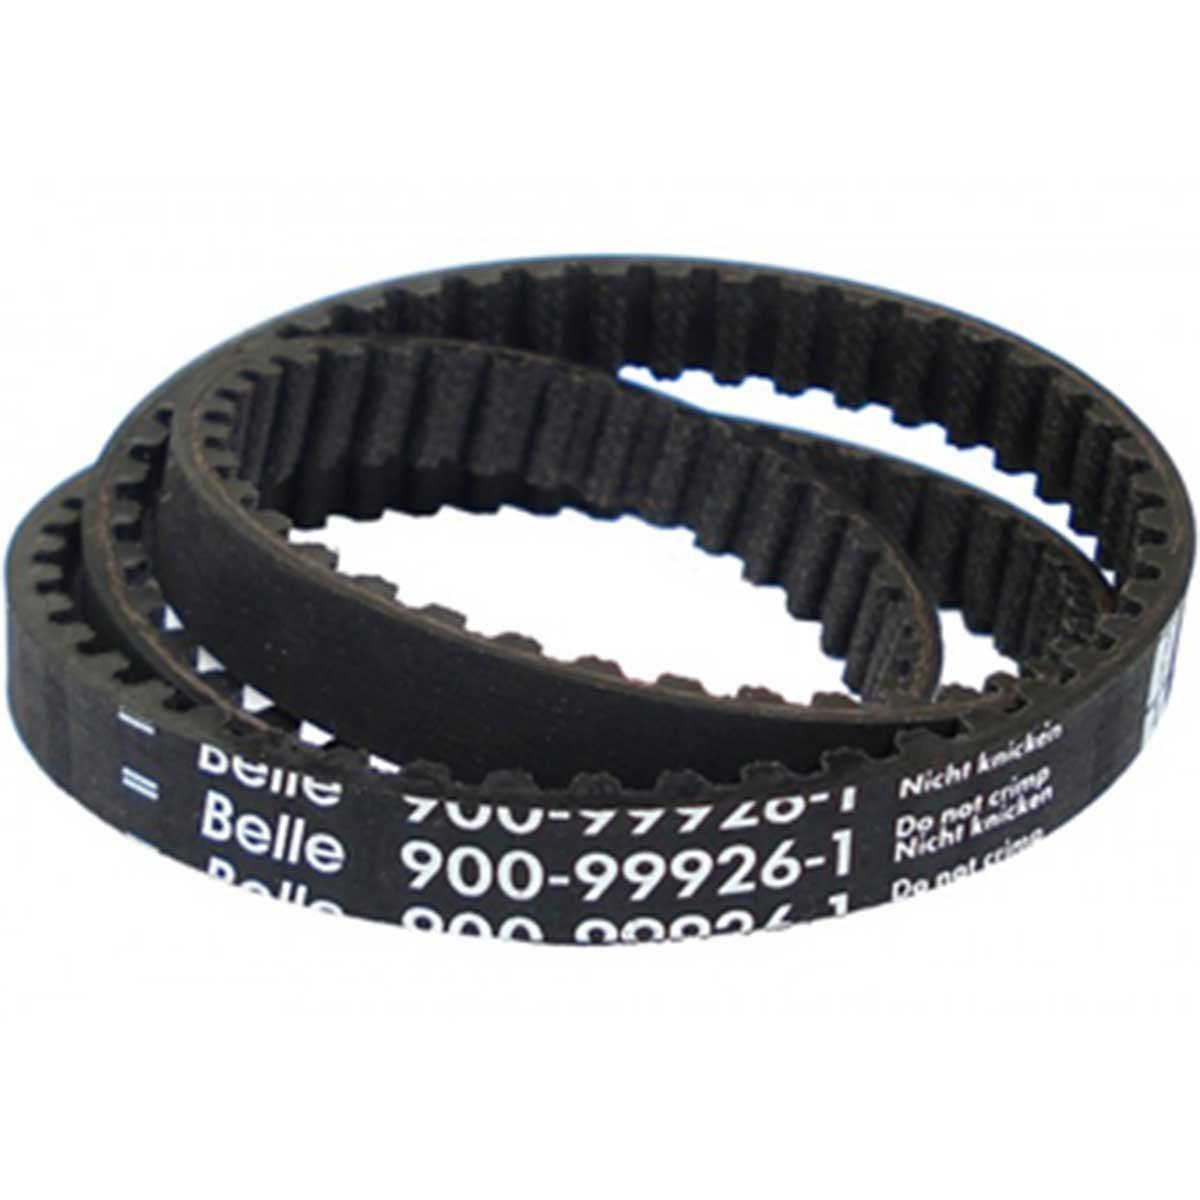 Drive Belt for Belle Minimix 150